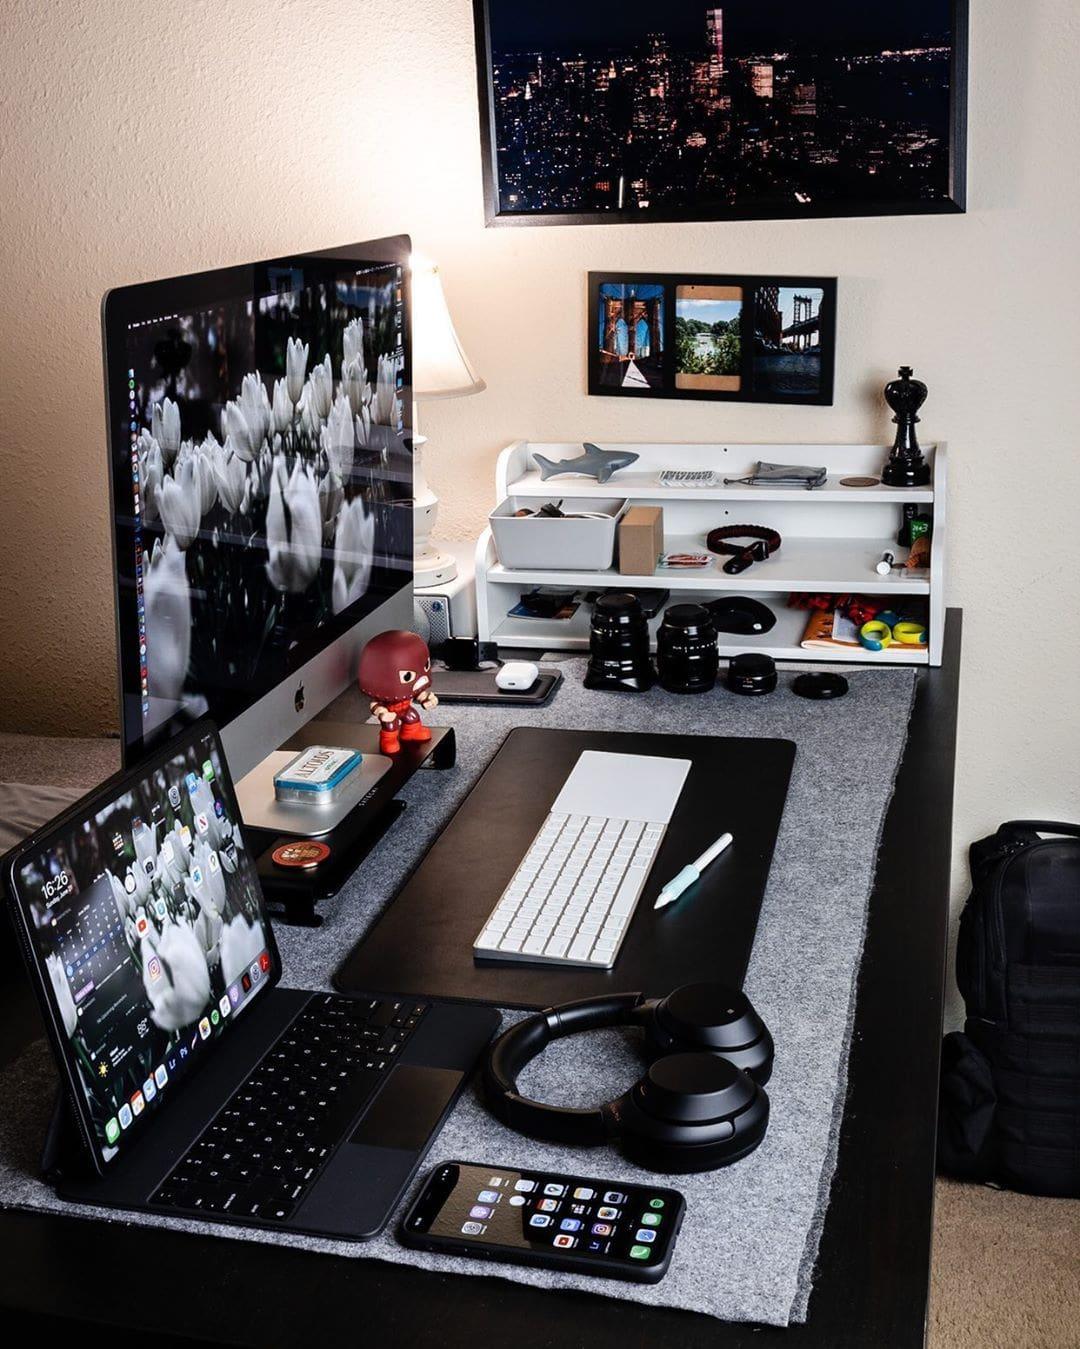 iMac Setups